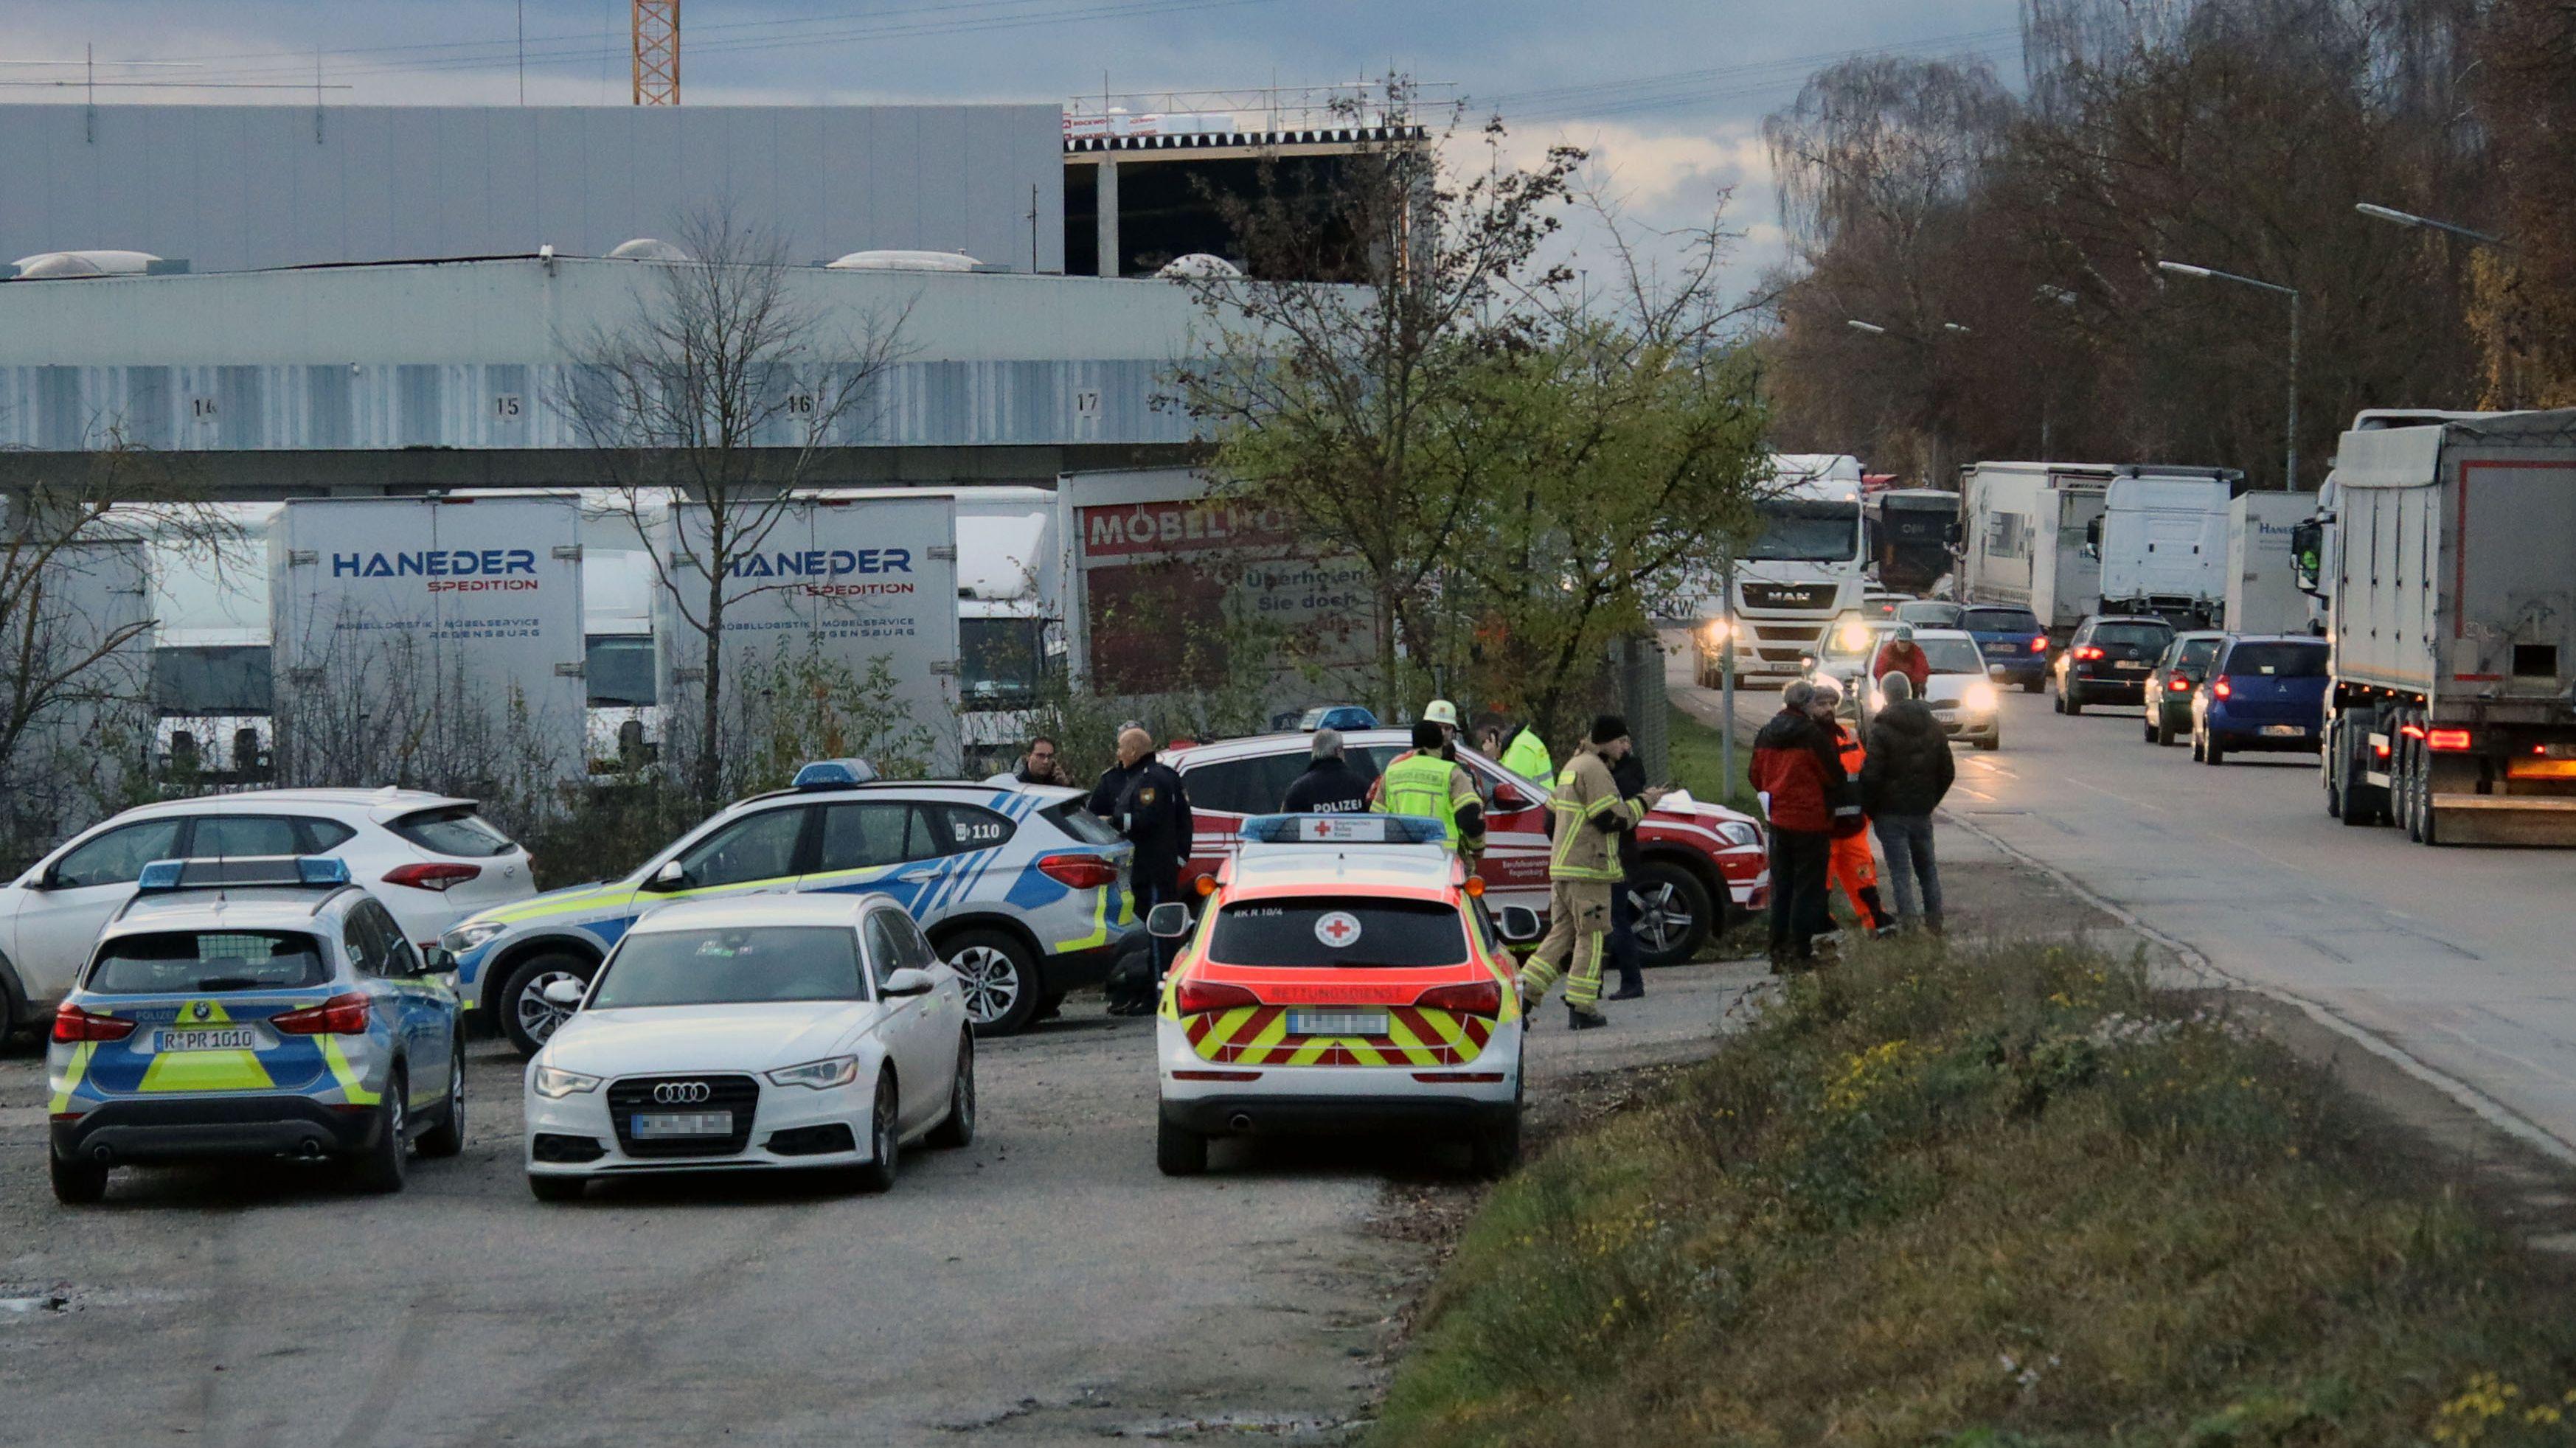 Bombenfund am Regensburger Hafen: Im gleichen Stadtteil war bereits im Mai eine 125 Kilogramm schwere Weltkriegsbombe entdeckt worden.